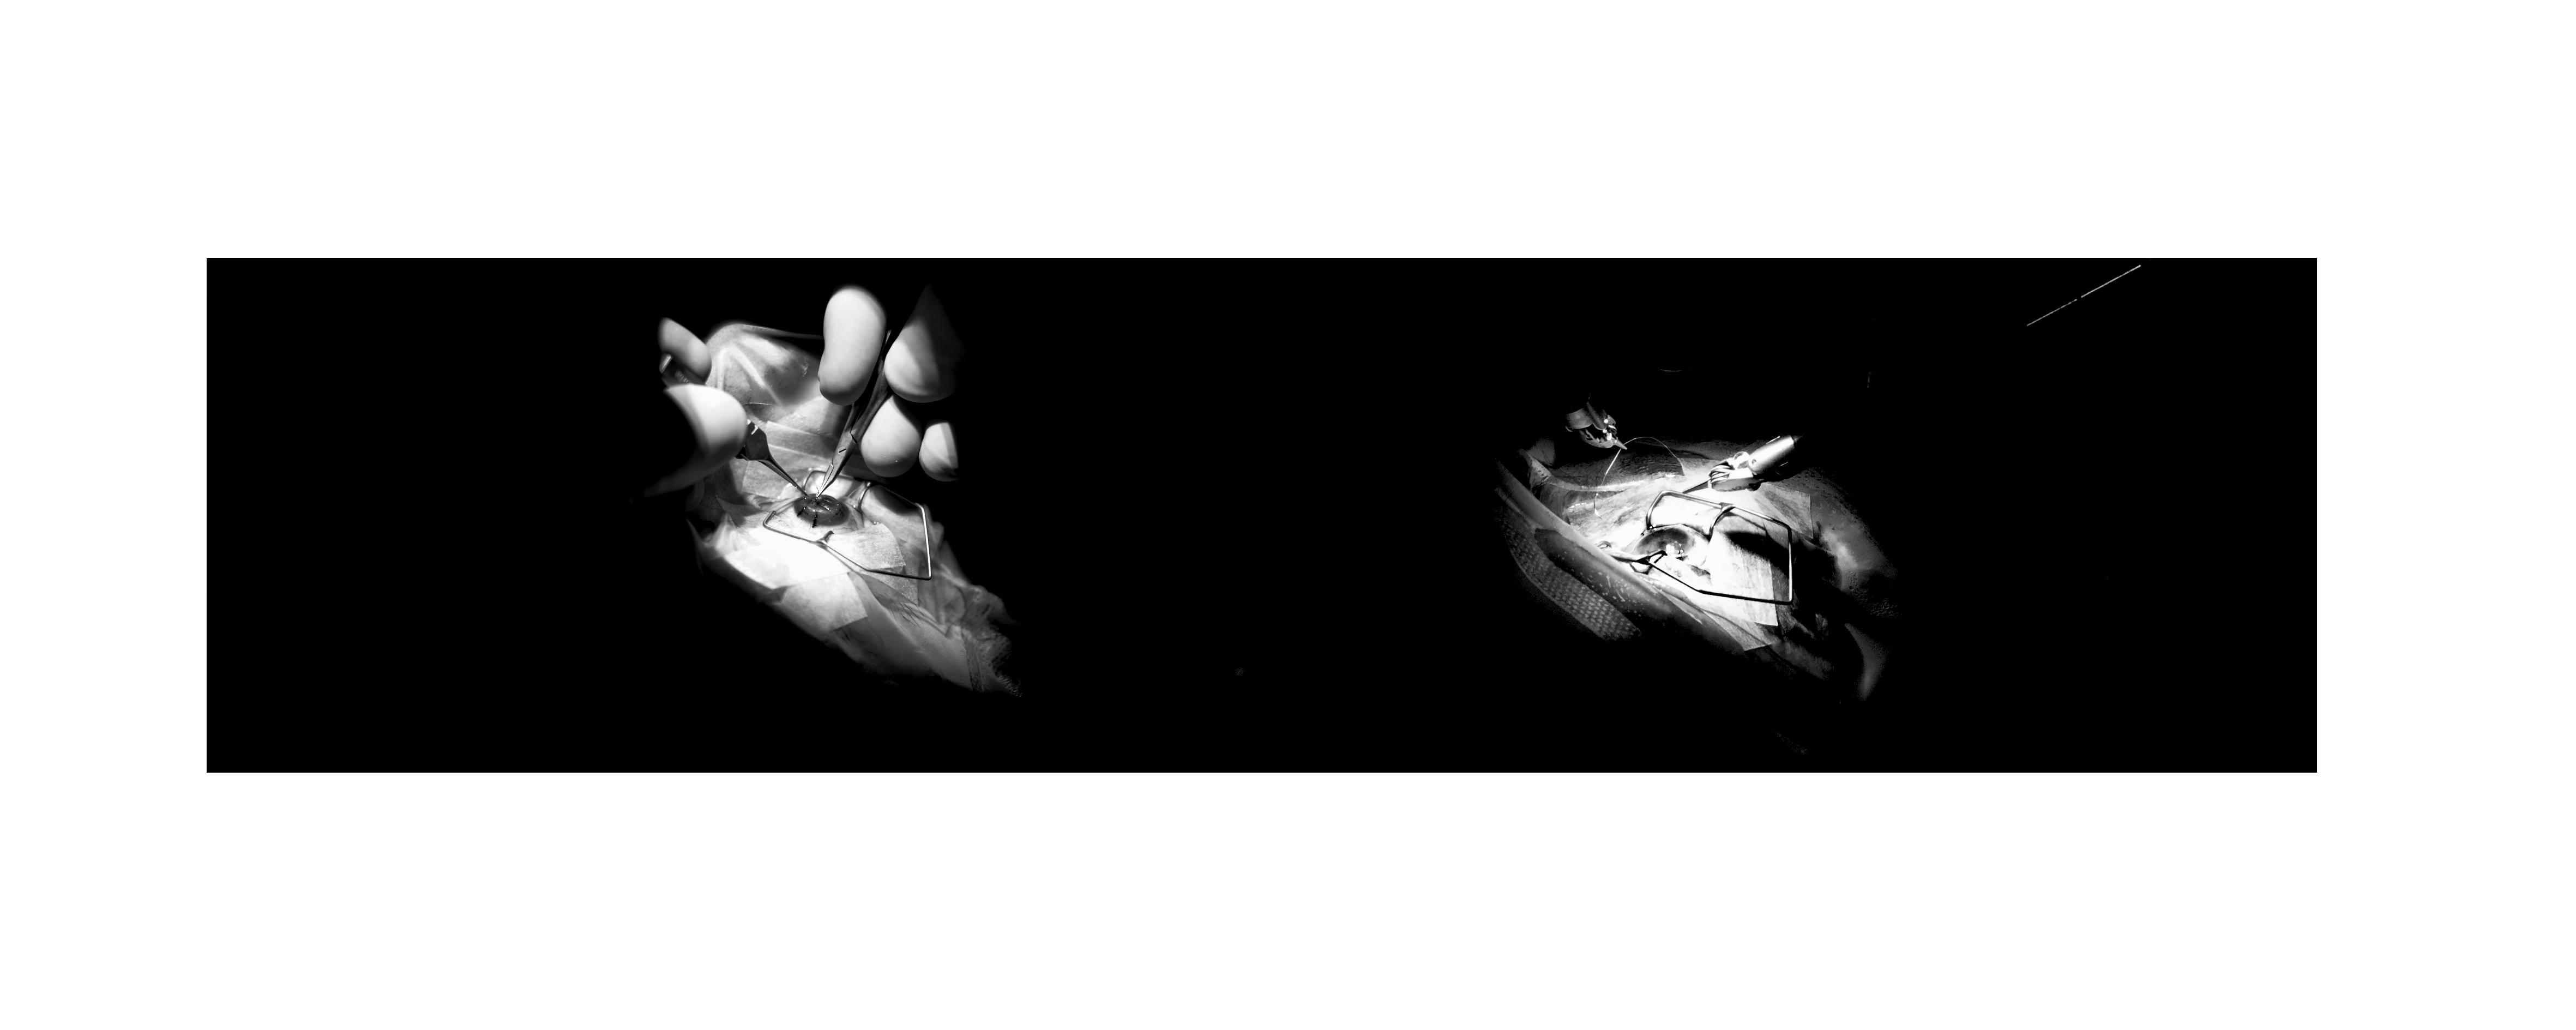 micro-chirugie ophtamologie